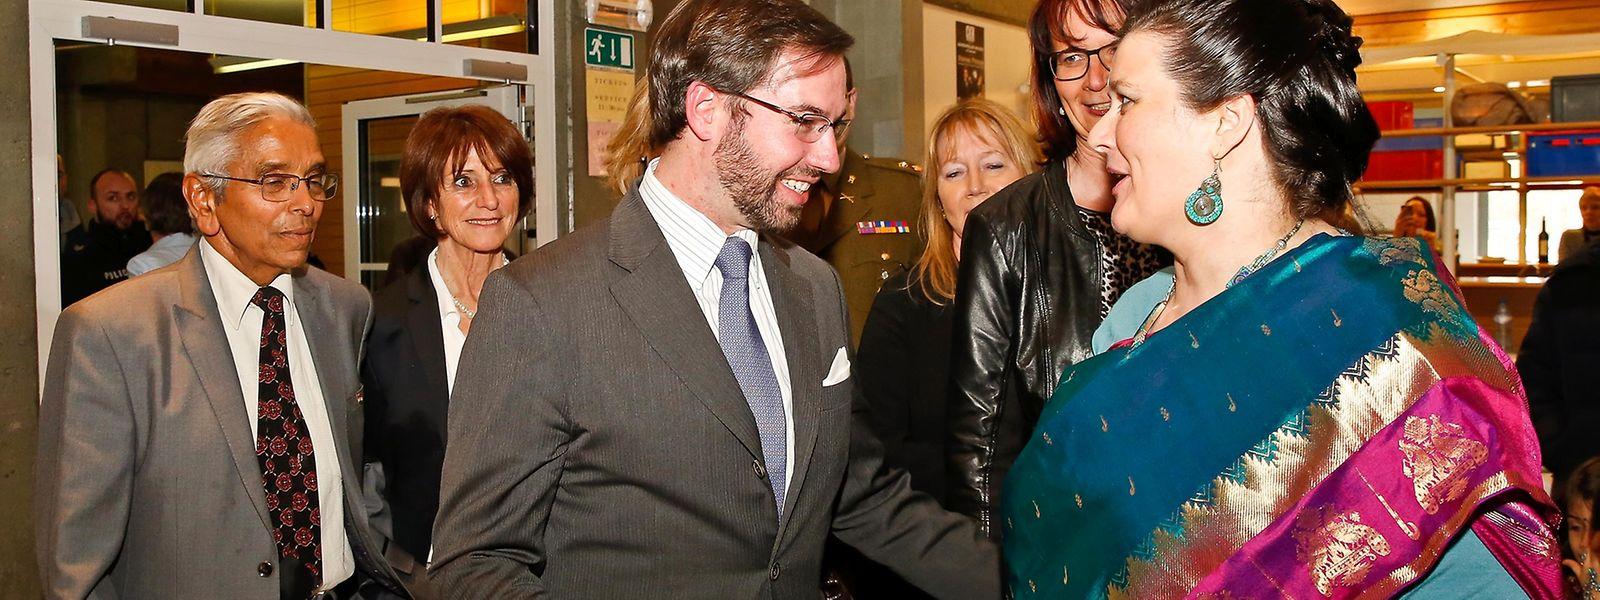 Erbgroßherzog Guillaume besuchte am Sonntag den Bazar Aide à l'Enfance de l'Inde in Sandweiler.